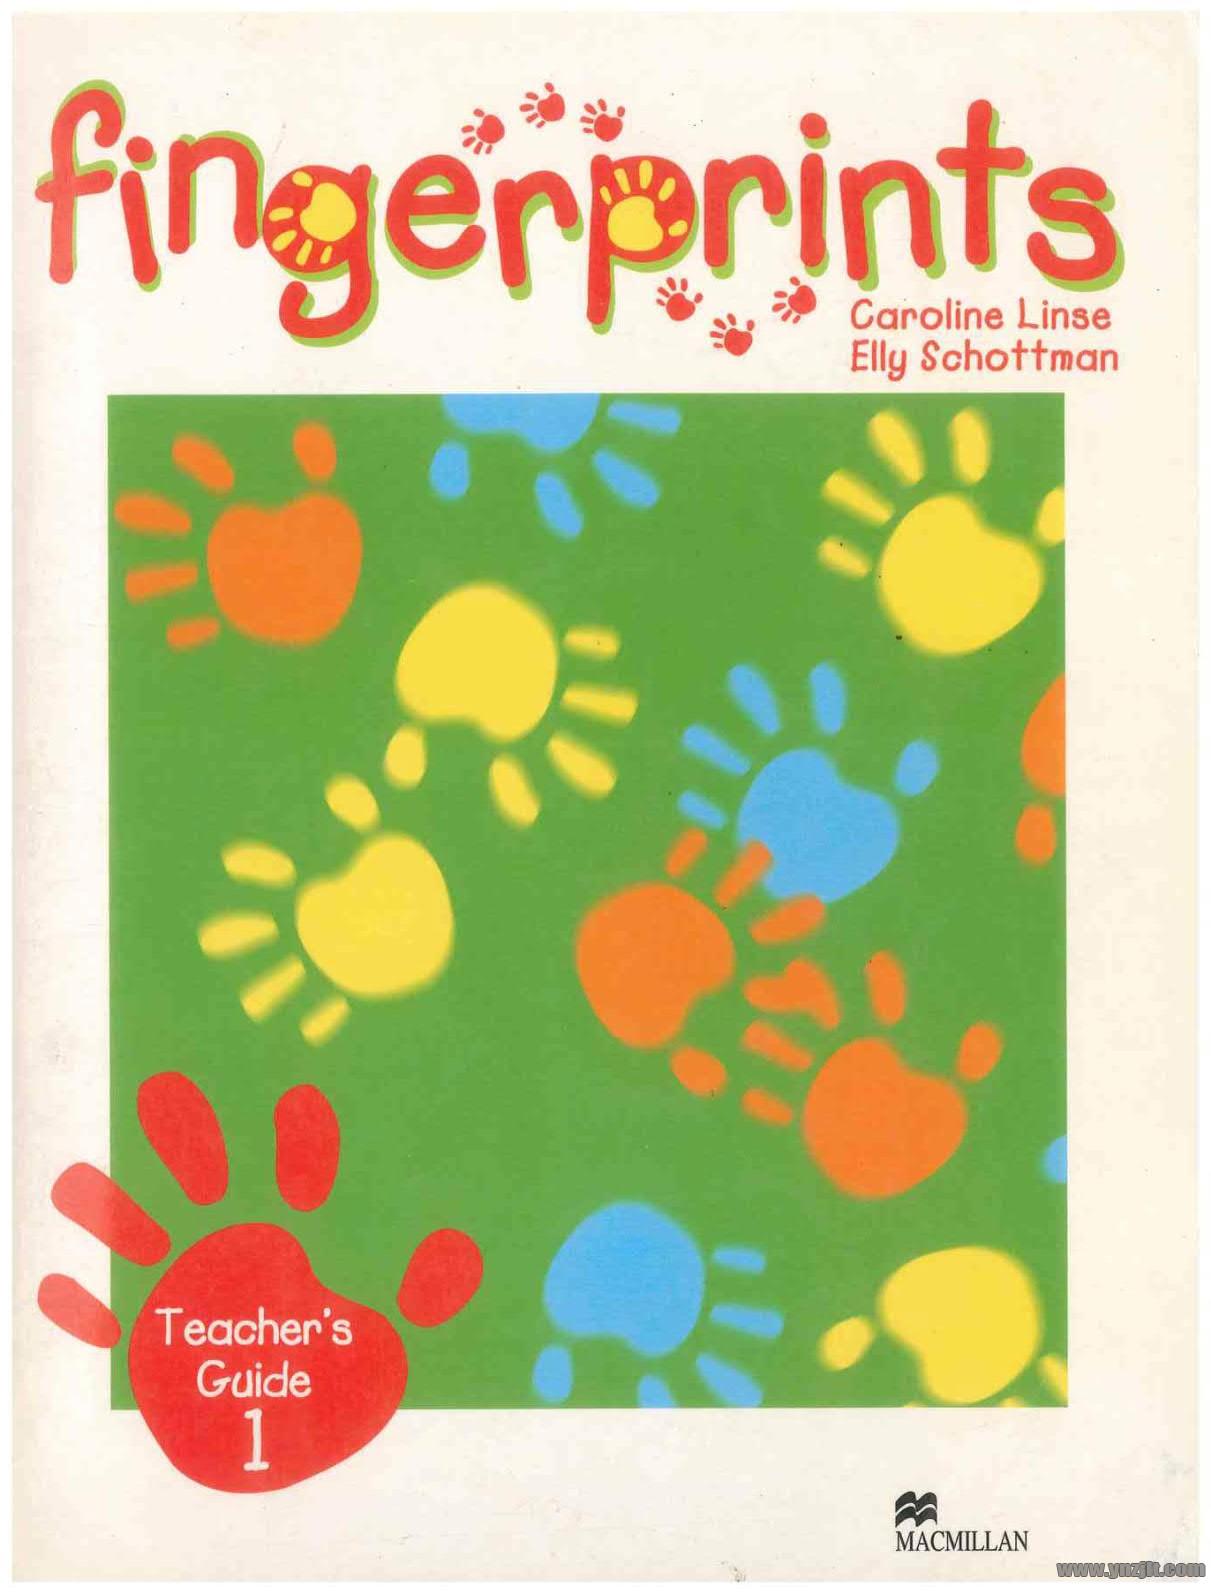 Fingerprints 1 Teacher Guide full1.jpg